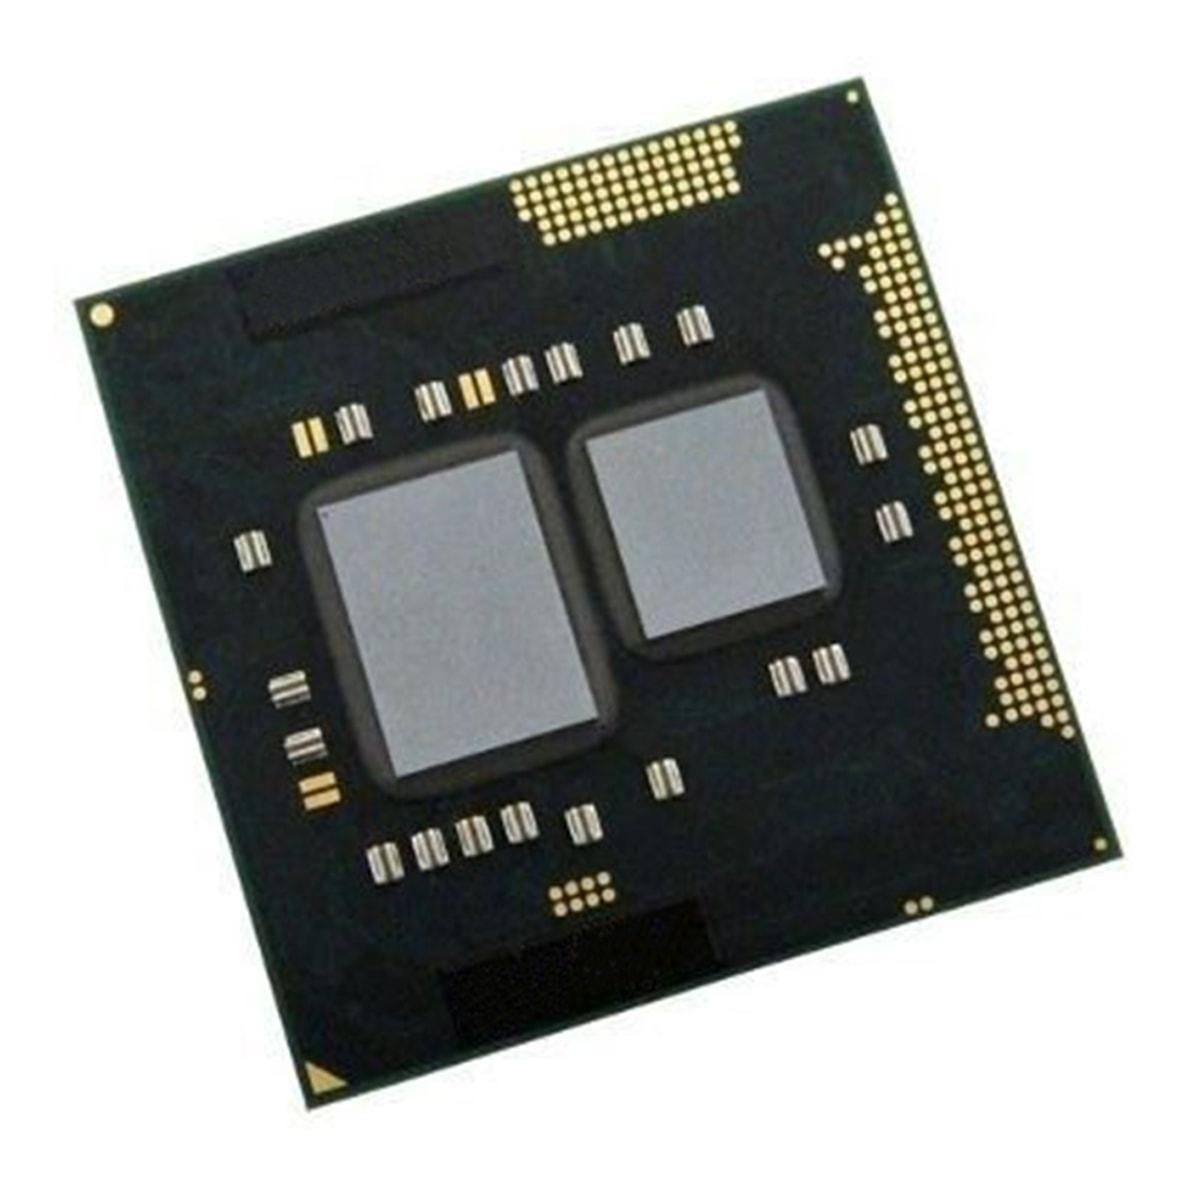 Processador Notebook Intel i3-350M 3M Cache / 2.26 GHZ / 2.5 GT/s DMI - Seminovo